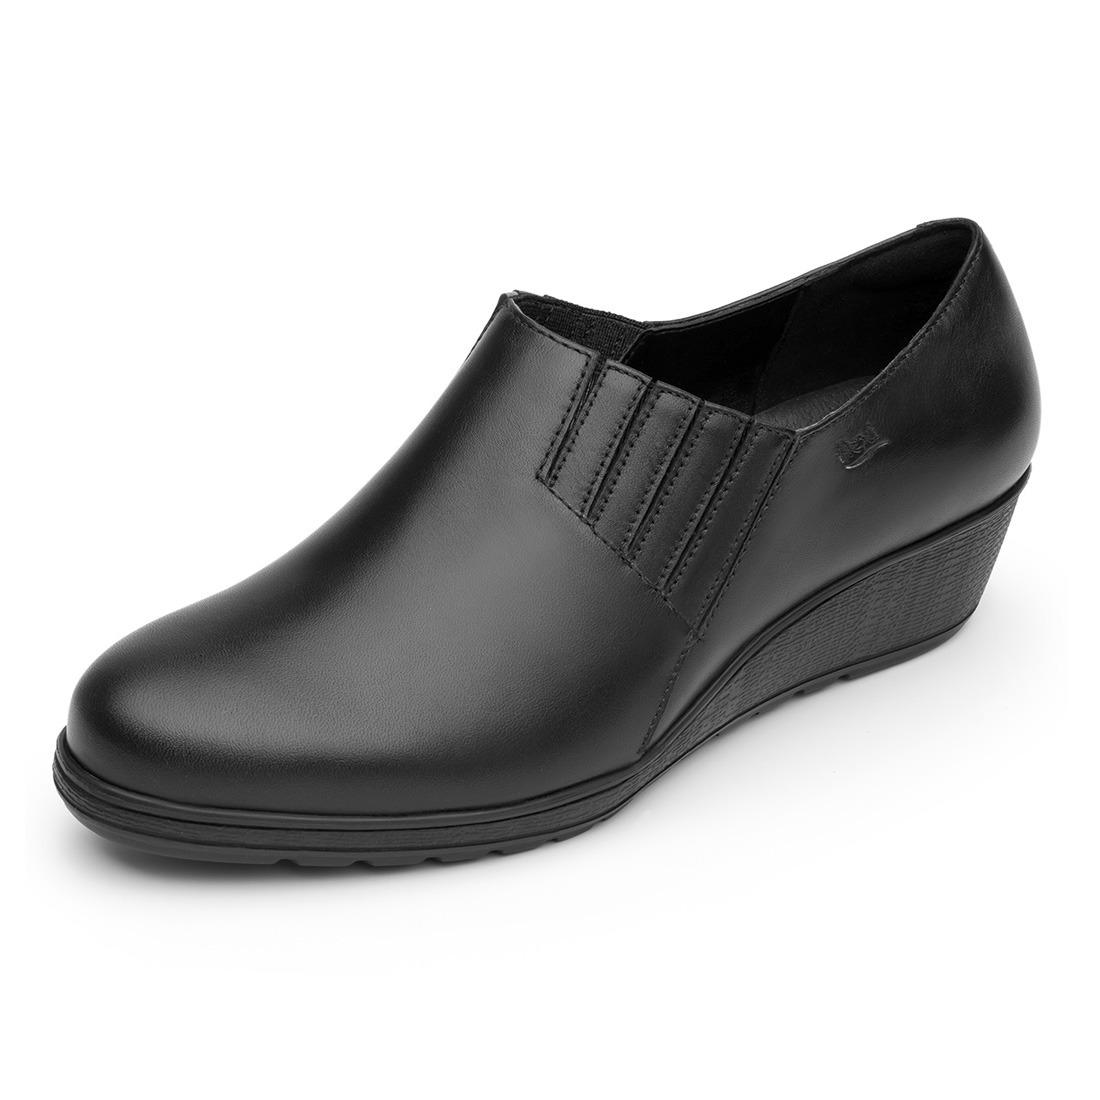 999e2bd068c Dama Casual Cómodo Mujer Zoom Negro Marissa Flexi Rudos Cargando Zapato  PqxCEw5gU